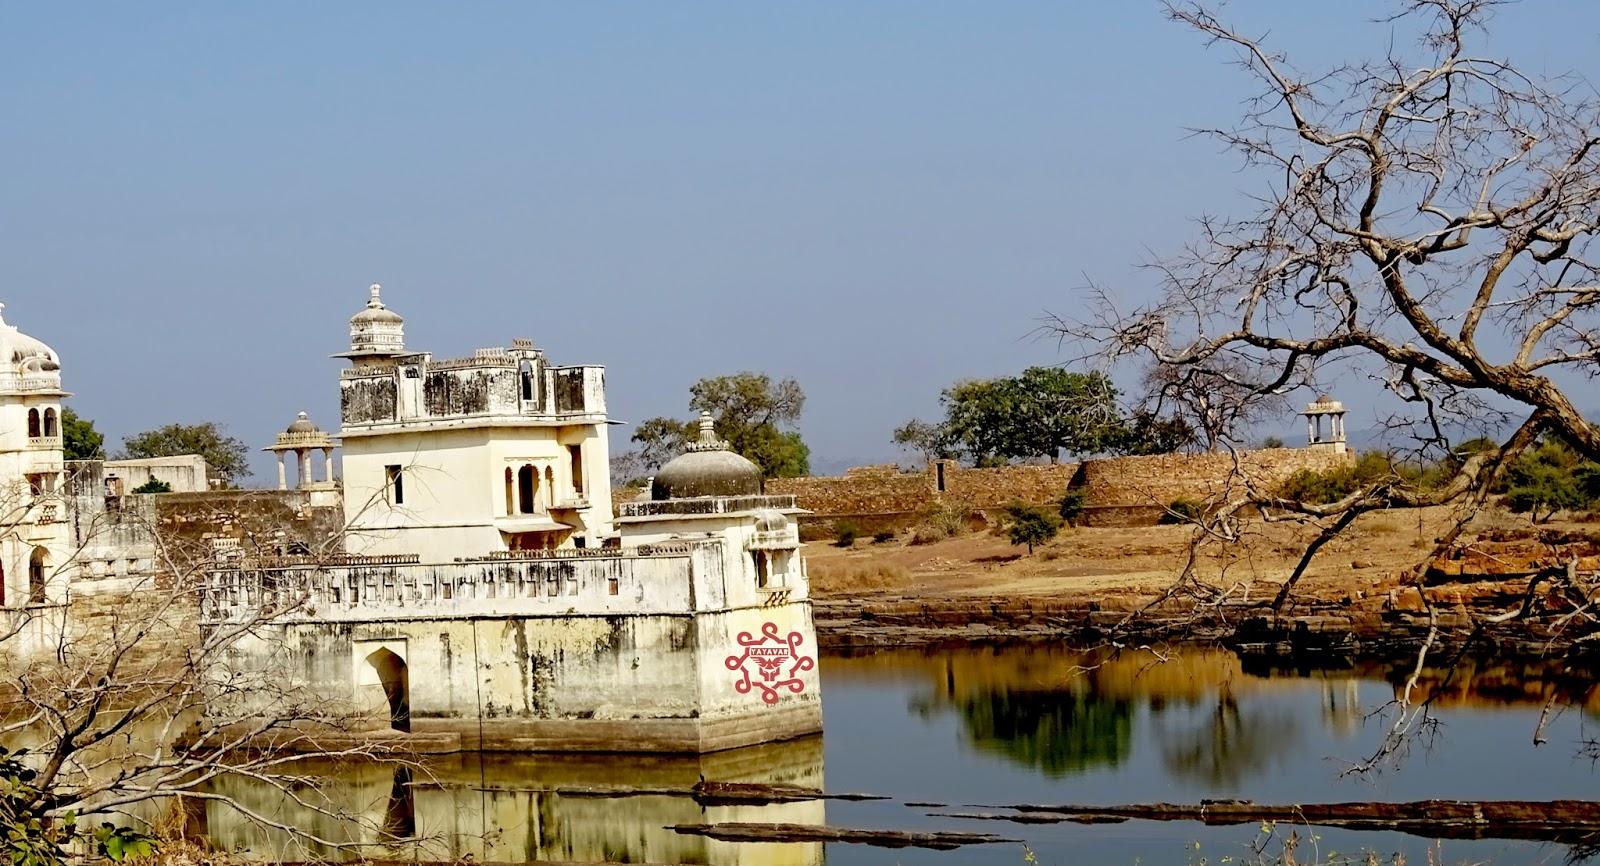 Padmini Palace Chittogarh